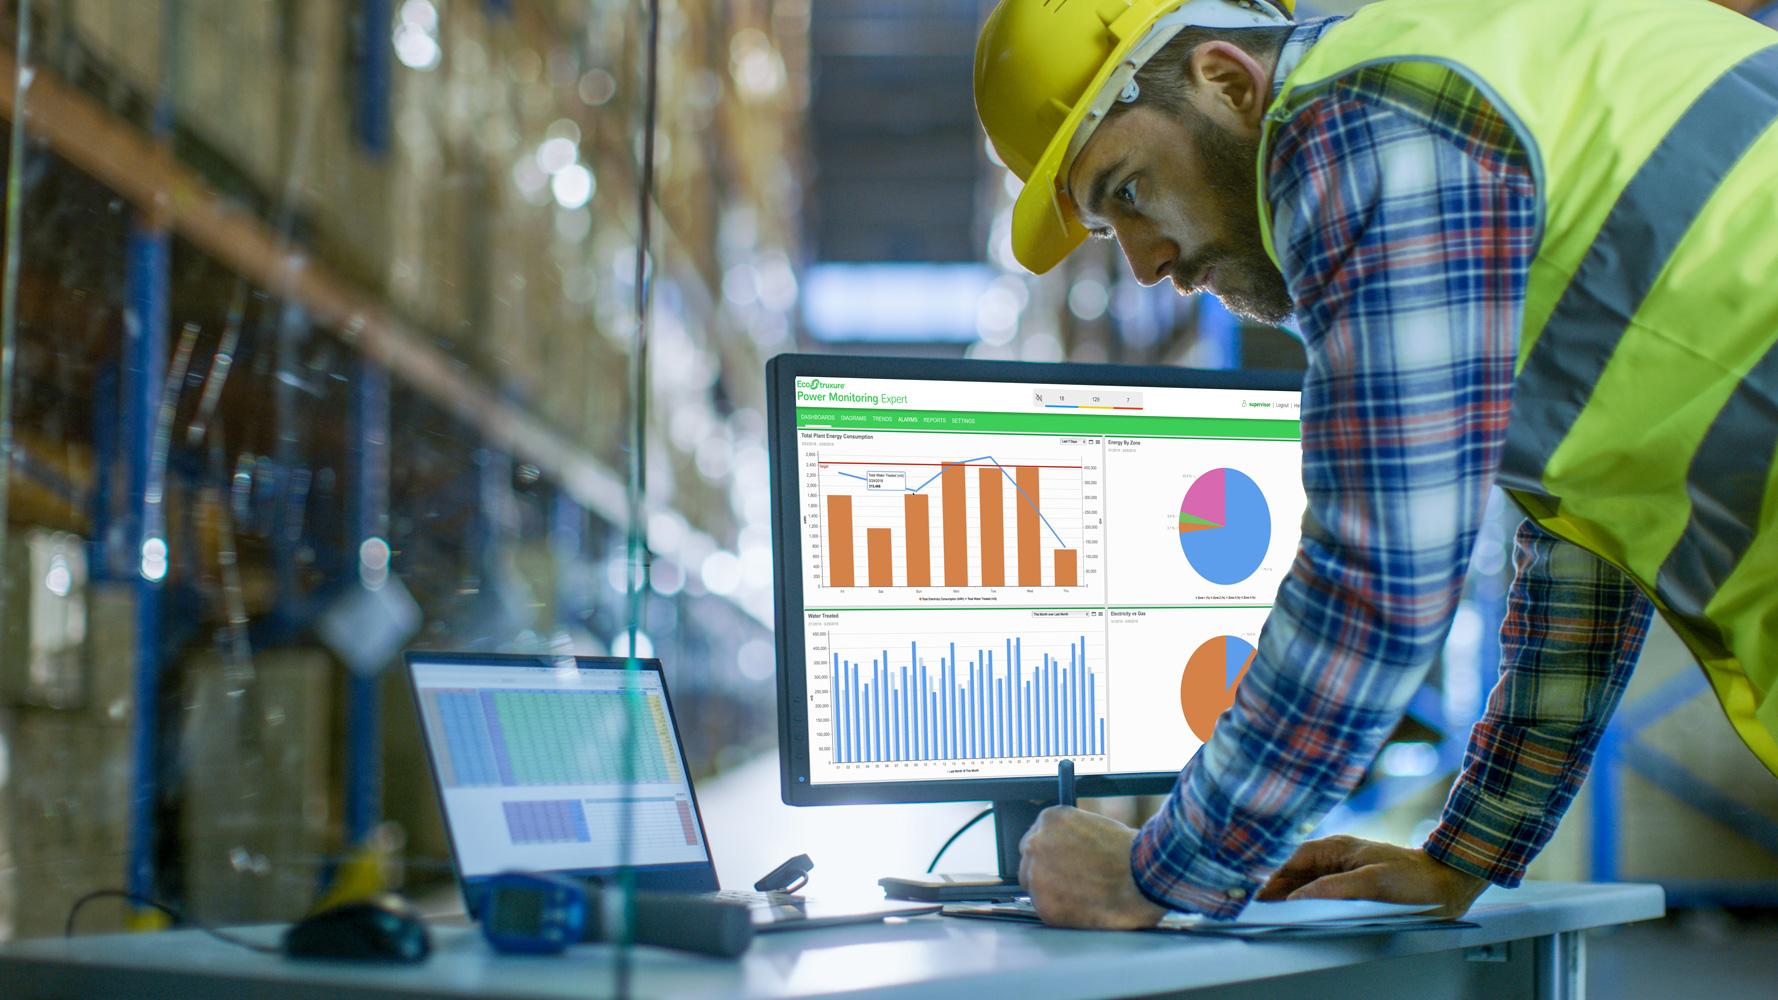 Для оценки соответствия эксперты выезжают на предприятие. Обязательным этапом аудита является измерение показателей энергосберегающего оборудования.